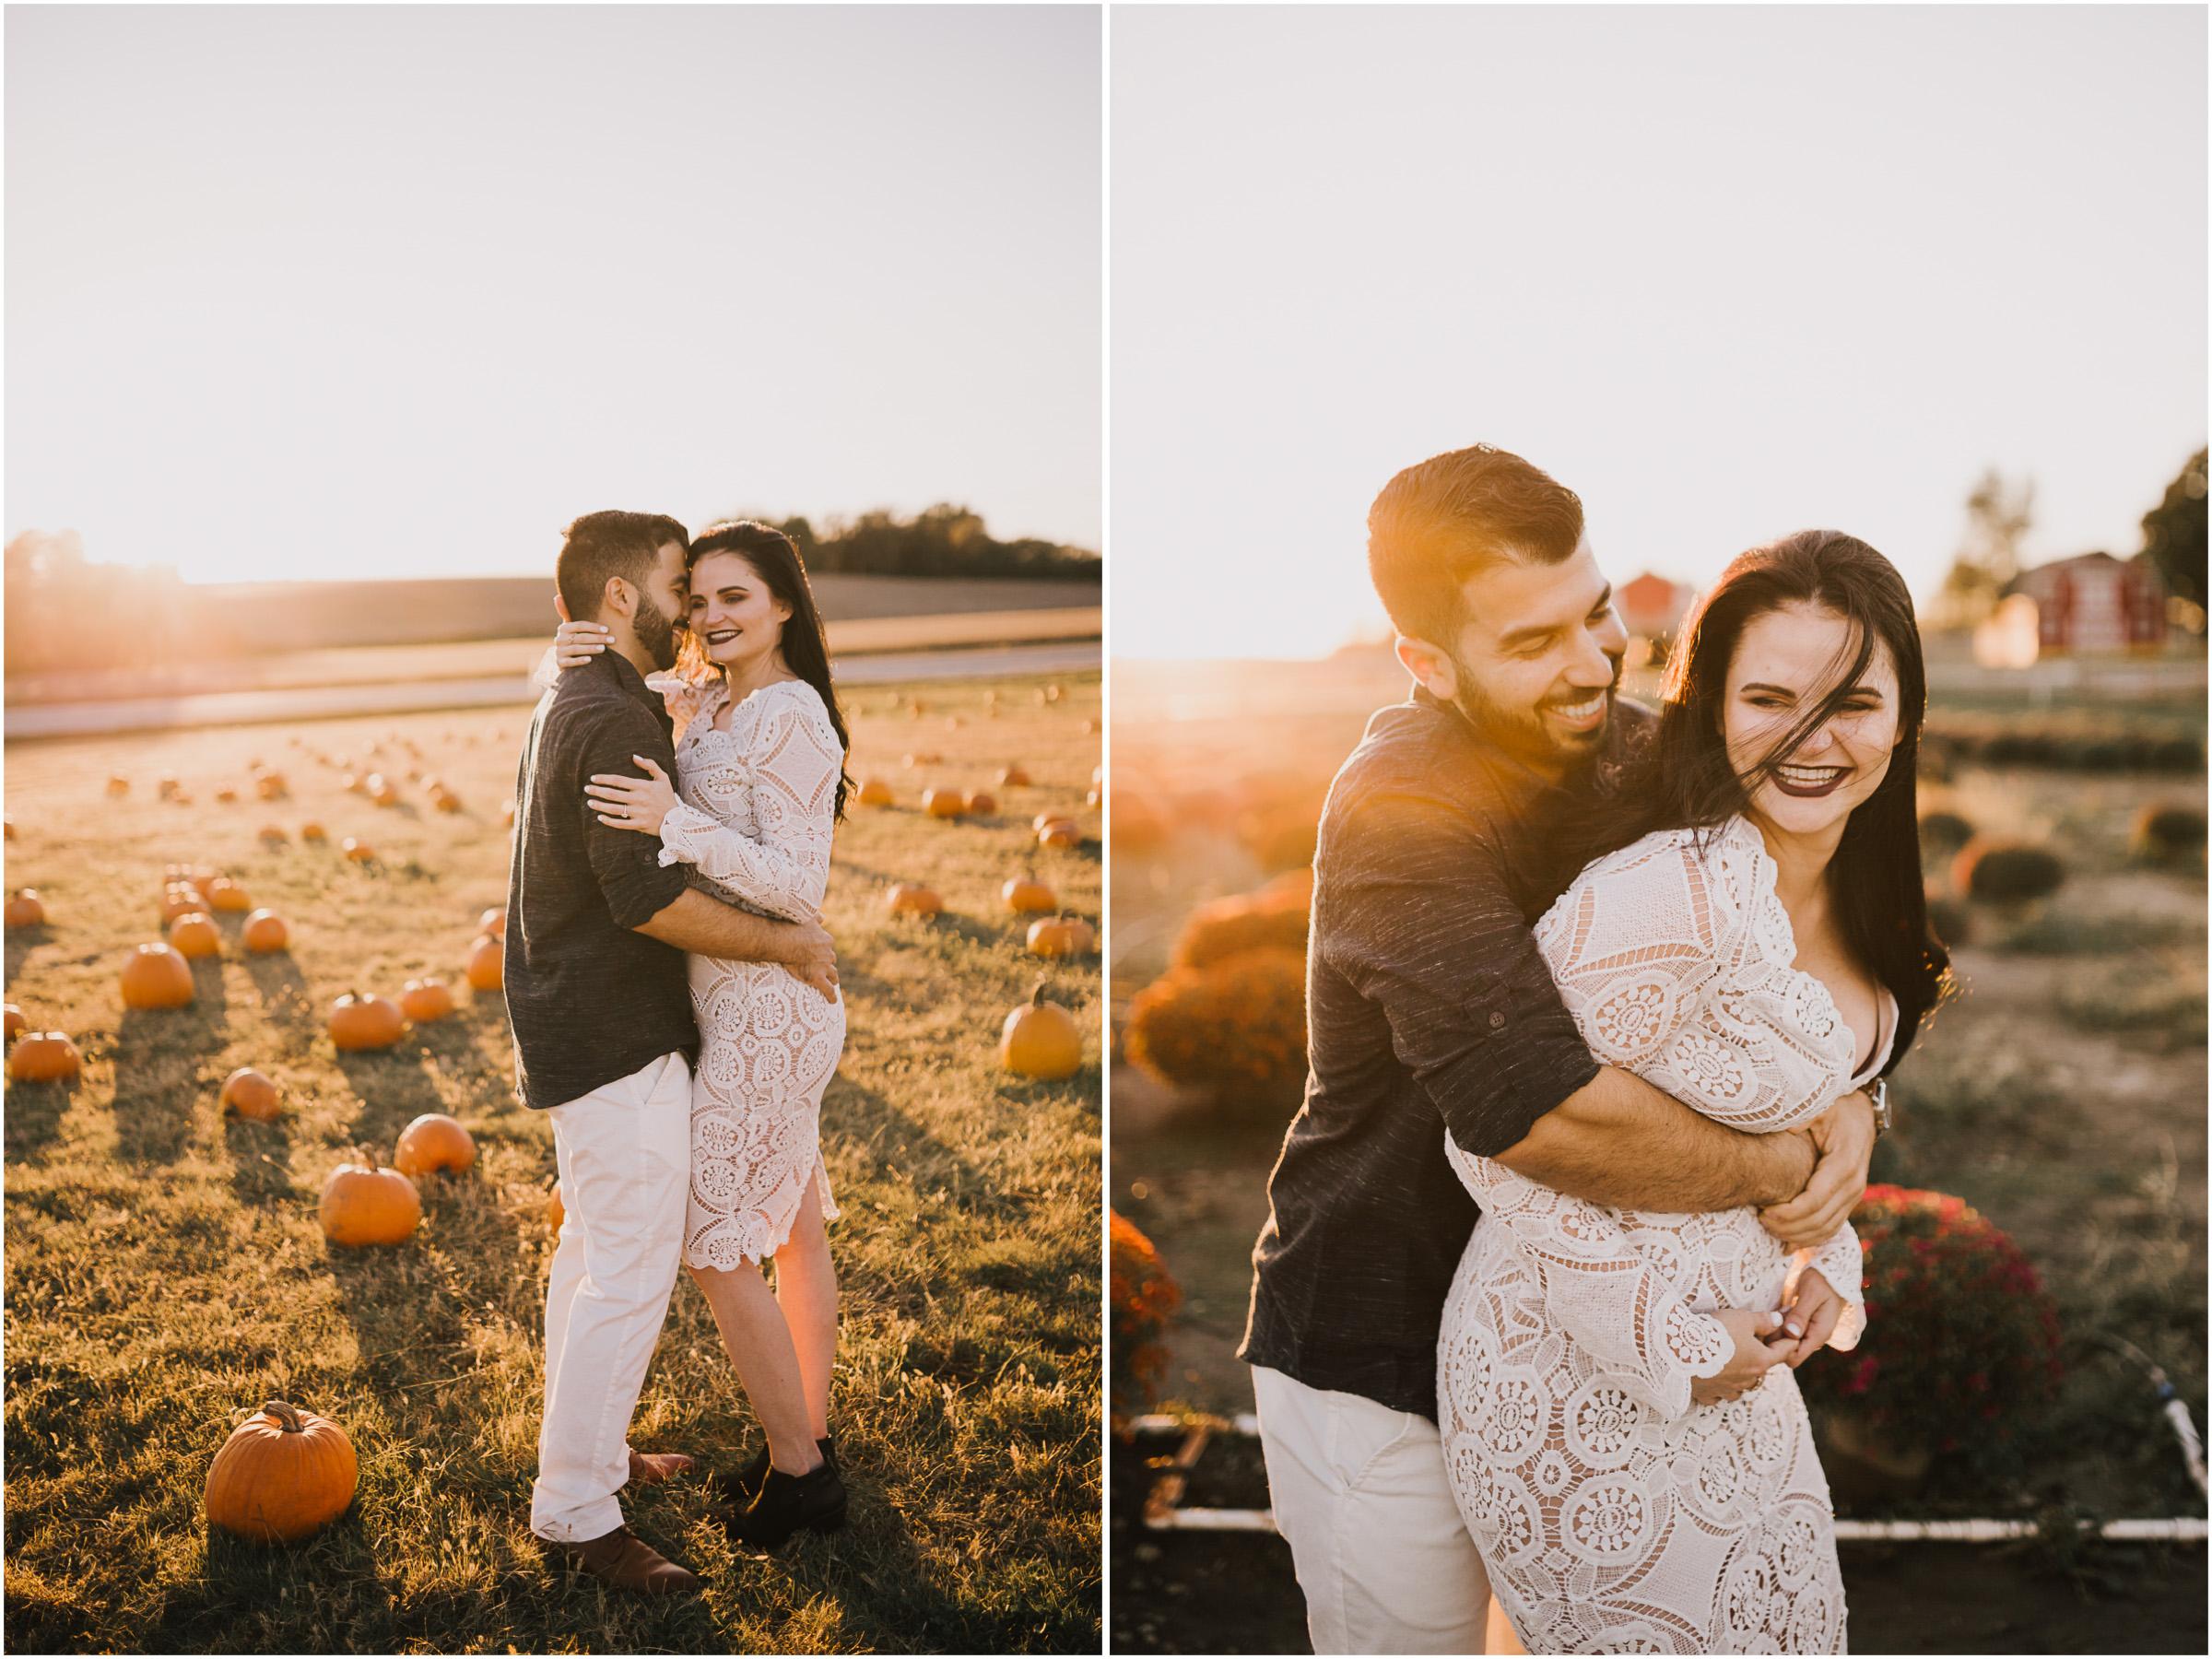 alyssa barletter photography fall pumpkin patch engagement photos sunset-24.jpg